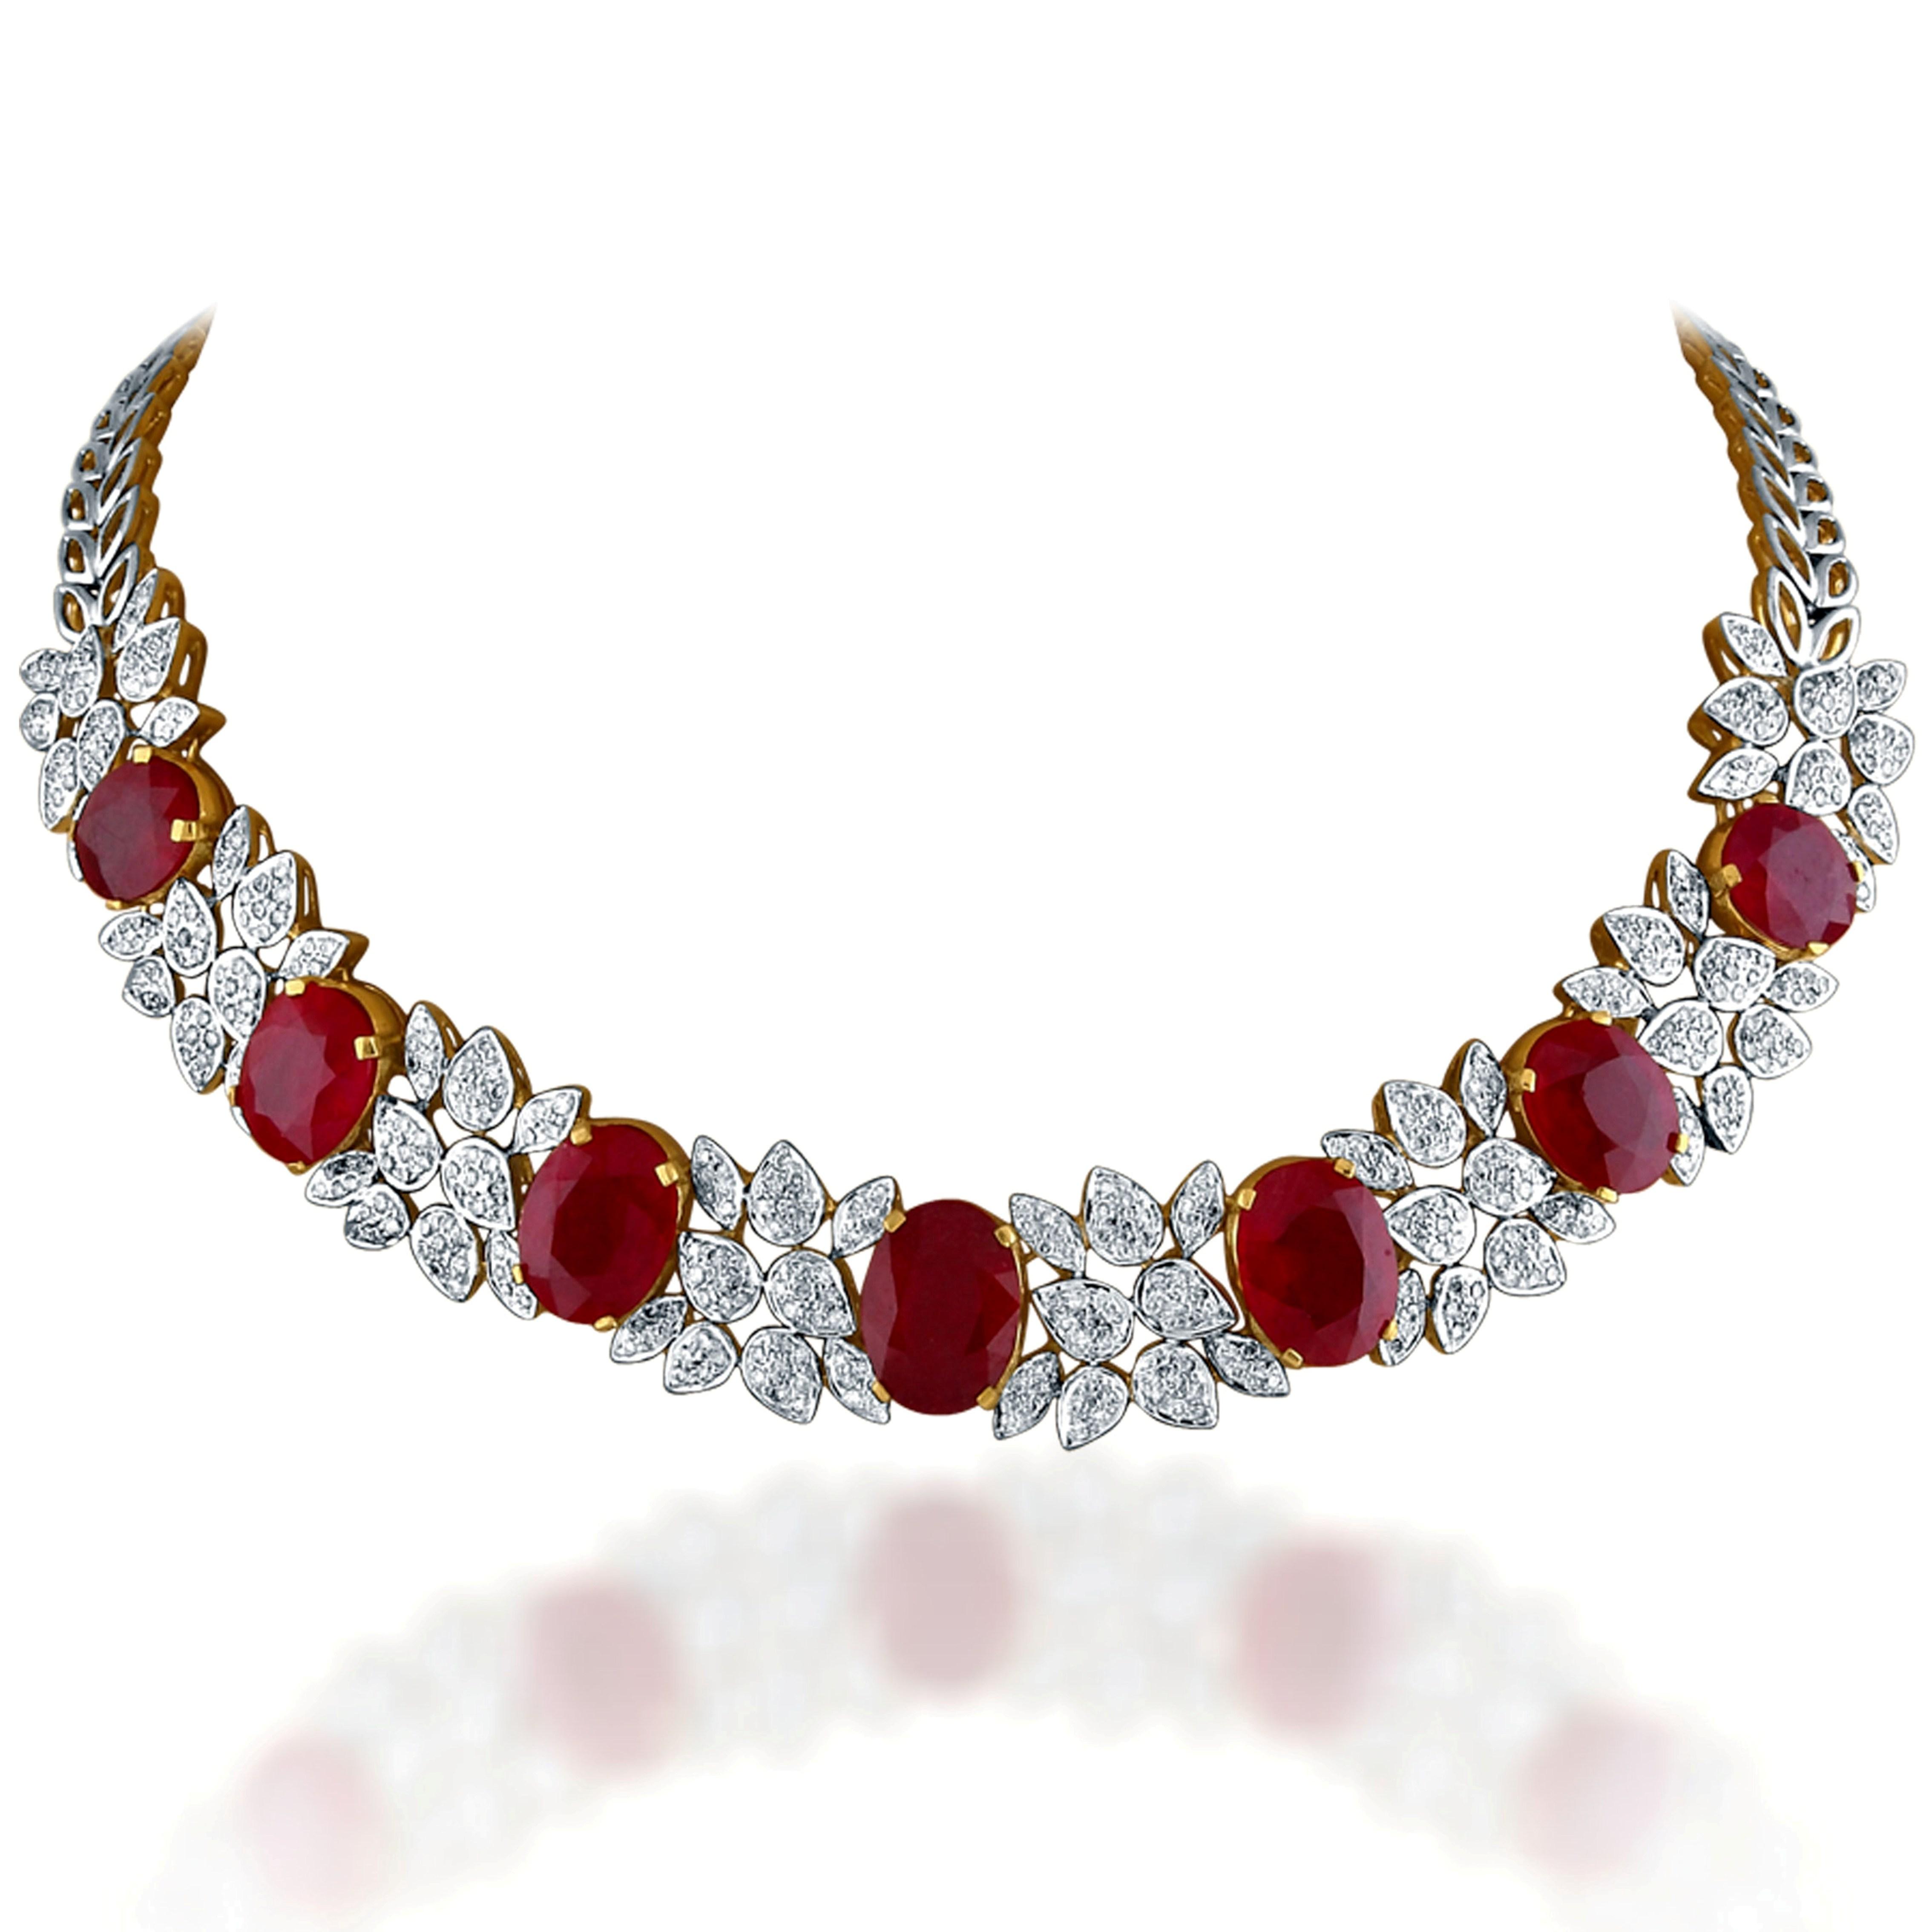 Diamond Necklace With Price Tag